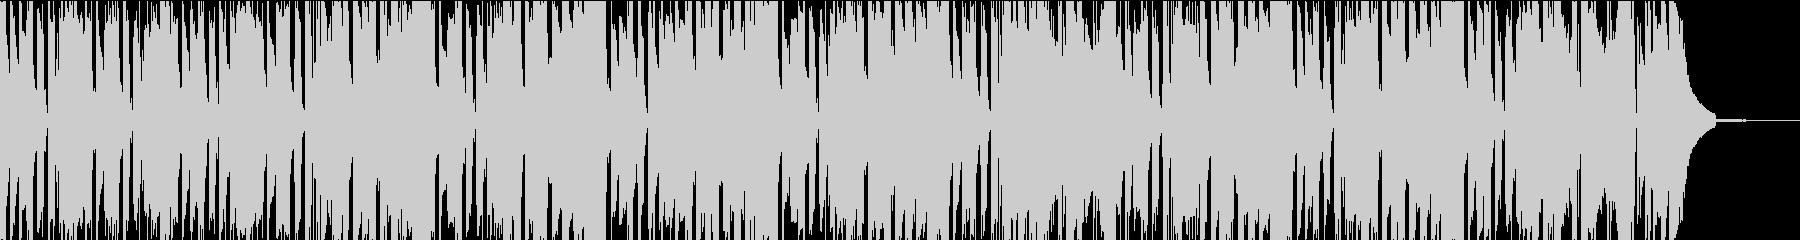 ファンキーでオシャレなサックスのBGMの未再生の波形